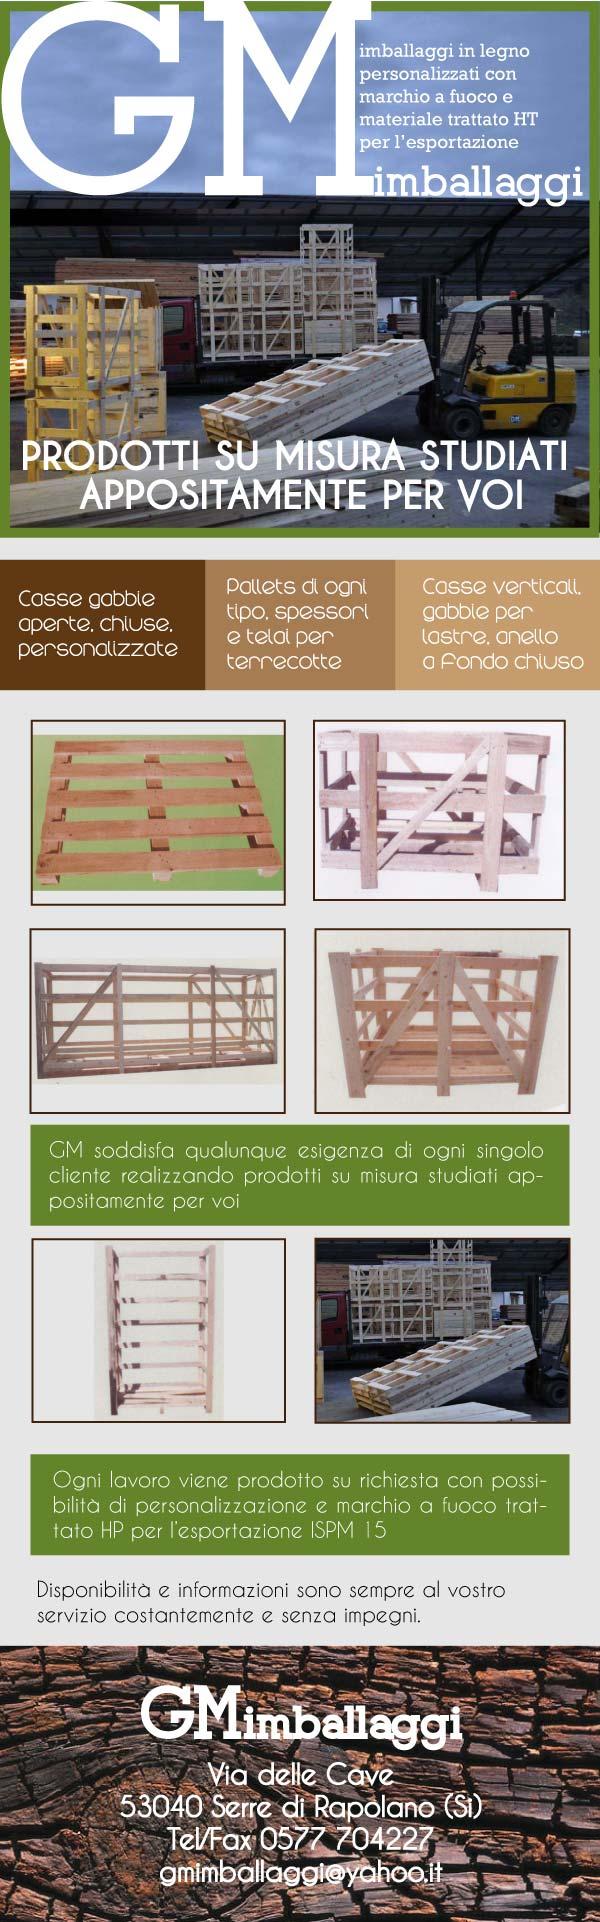 Gm Imballaggi in legno Prodotti